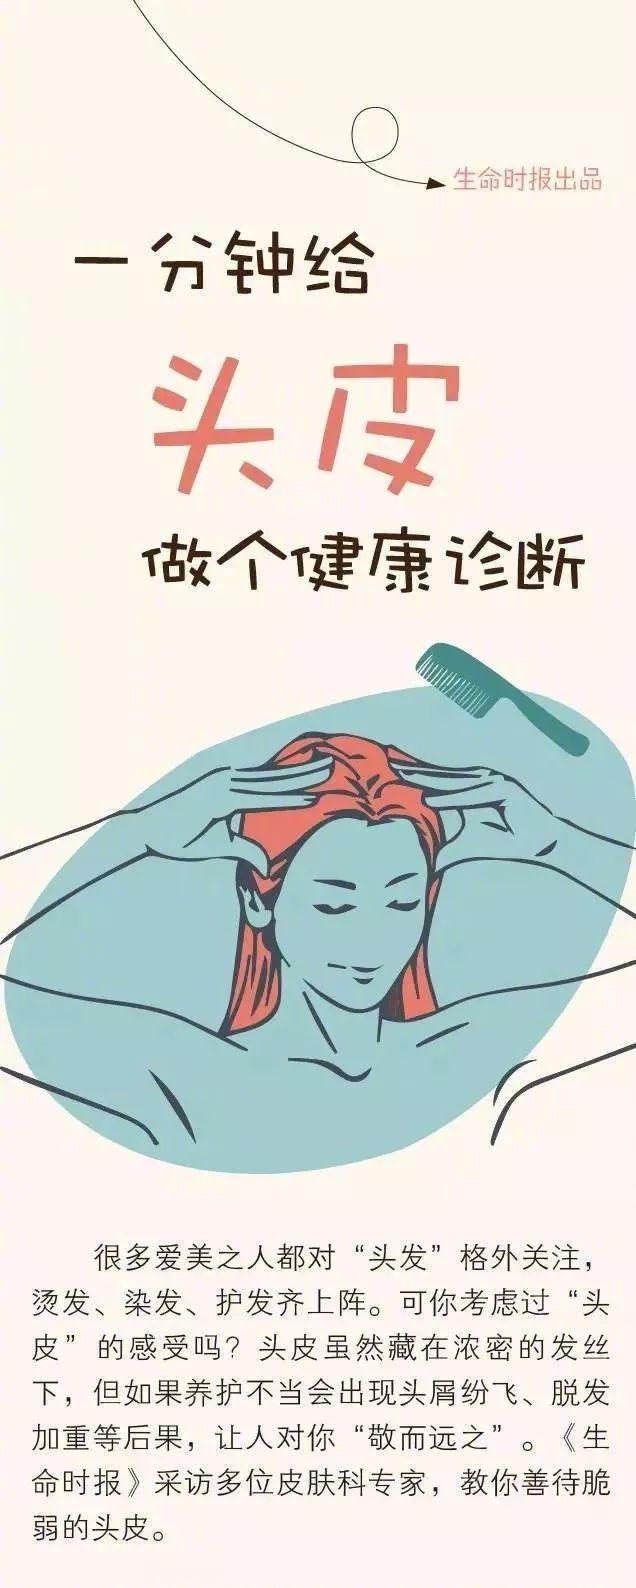 【涨知识】一分钟给头皮做个健康诊断,拯救上